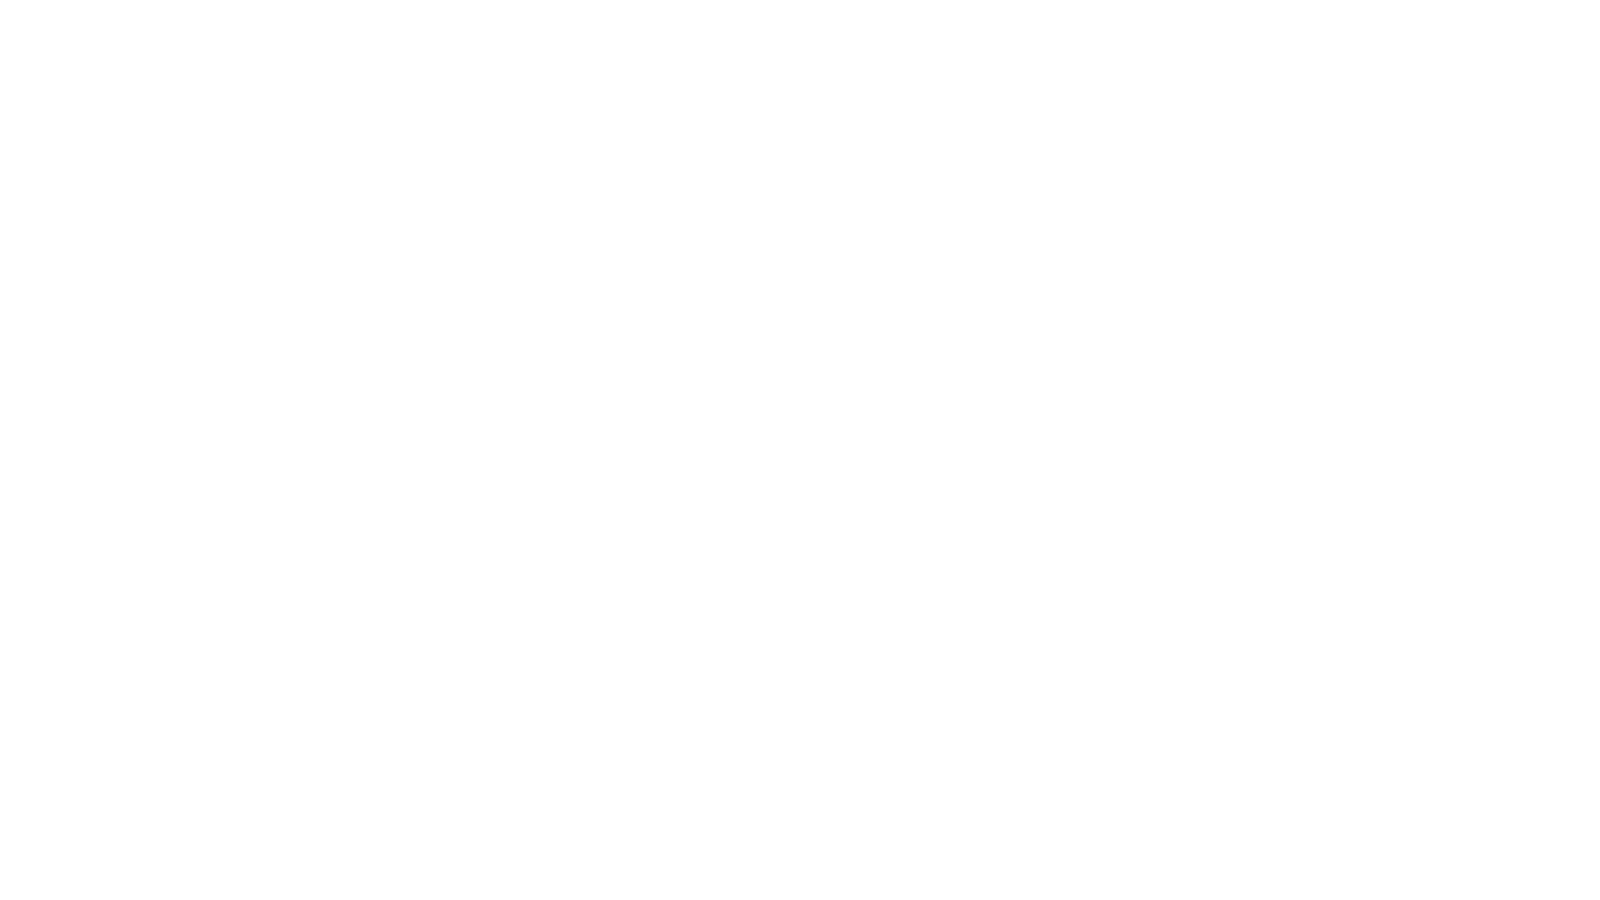 日本のスタンドシャンプーが外国人の方にも気持ちよく感じるものか検証してみました❗️ マッサージもいつもと違います👍👍  ◇Instagram◇最新情報配信中! riyouoozeki フォローお待ちしておりますm(__)m ◇Twitter◇ 理容おおぜき  ◇LINE公式アカウント◇ @mge2883f ◇HP◇理容おおぜきで検索